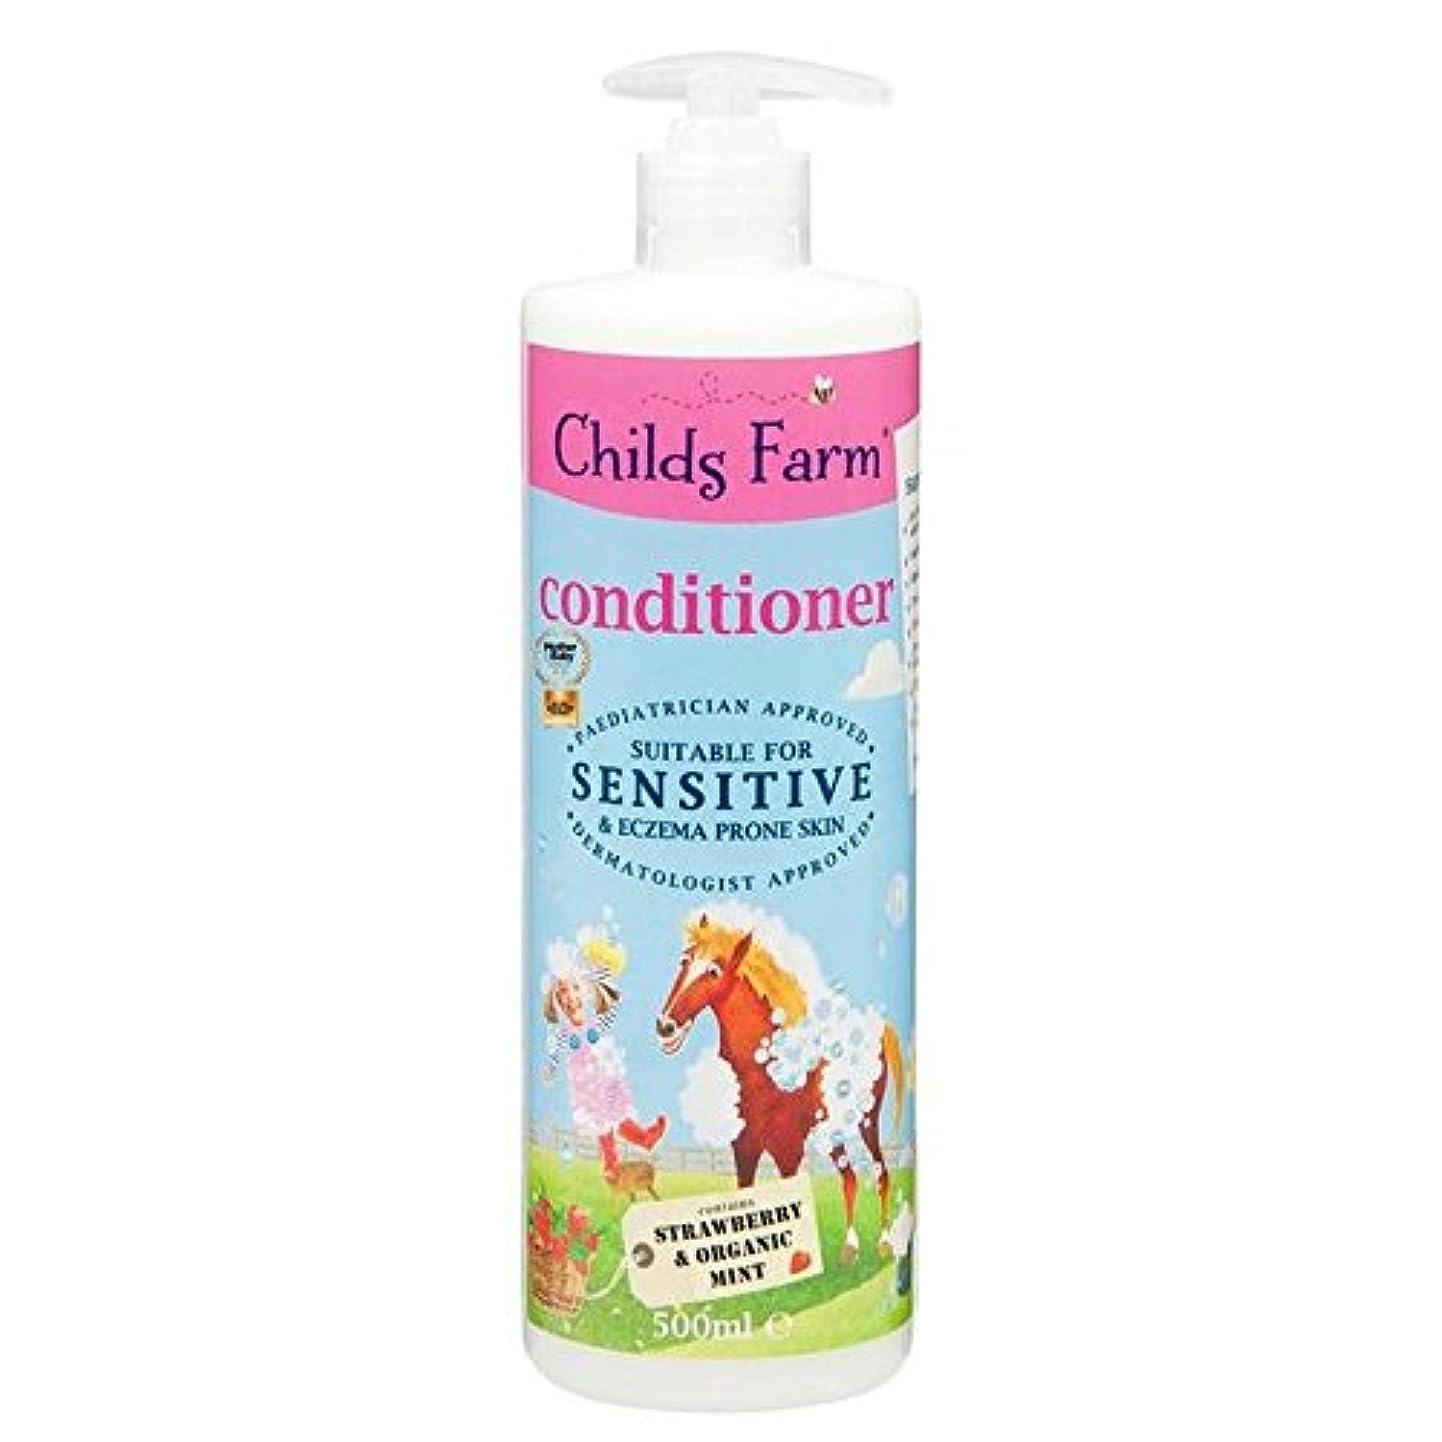 適応するホイッスル伝導Childs Farm Conditioner for Unruly Hair 500ml - 手に負えない髪の500ミリリットルのためのチャイルズファームコンディショナー [並行輸入品]